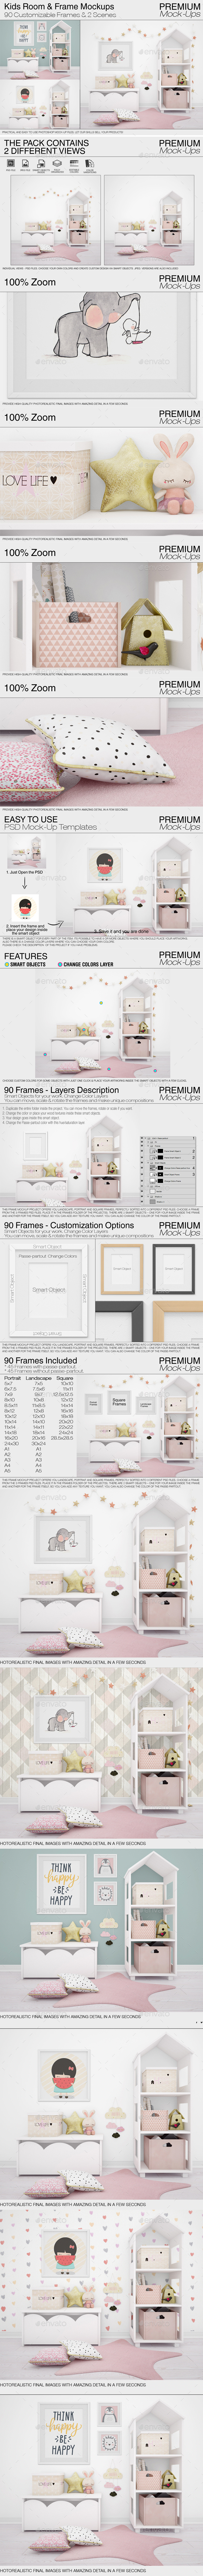 Kids Room & Frame Mockups - Print Product Mock-Ups